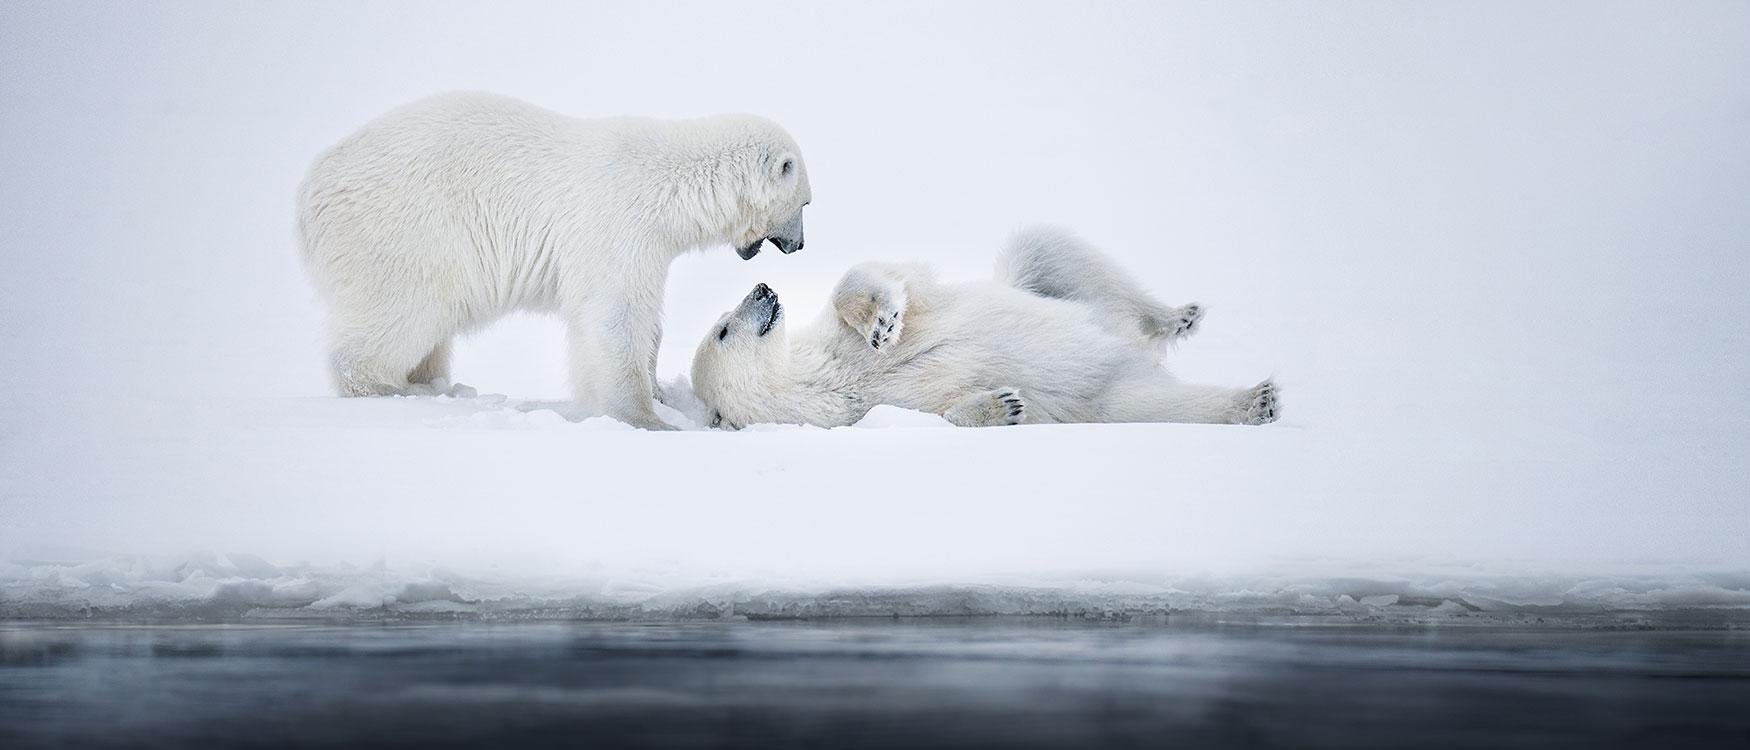 Expedition in die Arktis: Spitzbergen,  Eisbären und eine unfassbare Natur